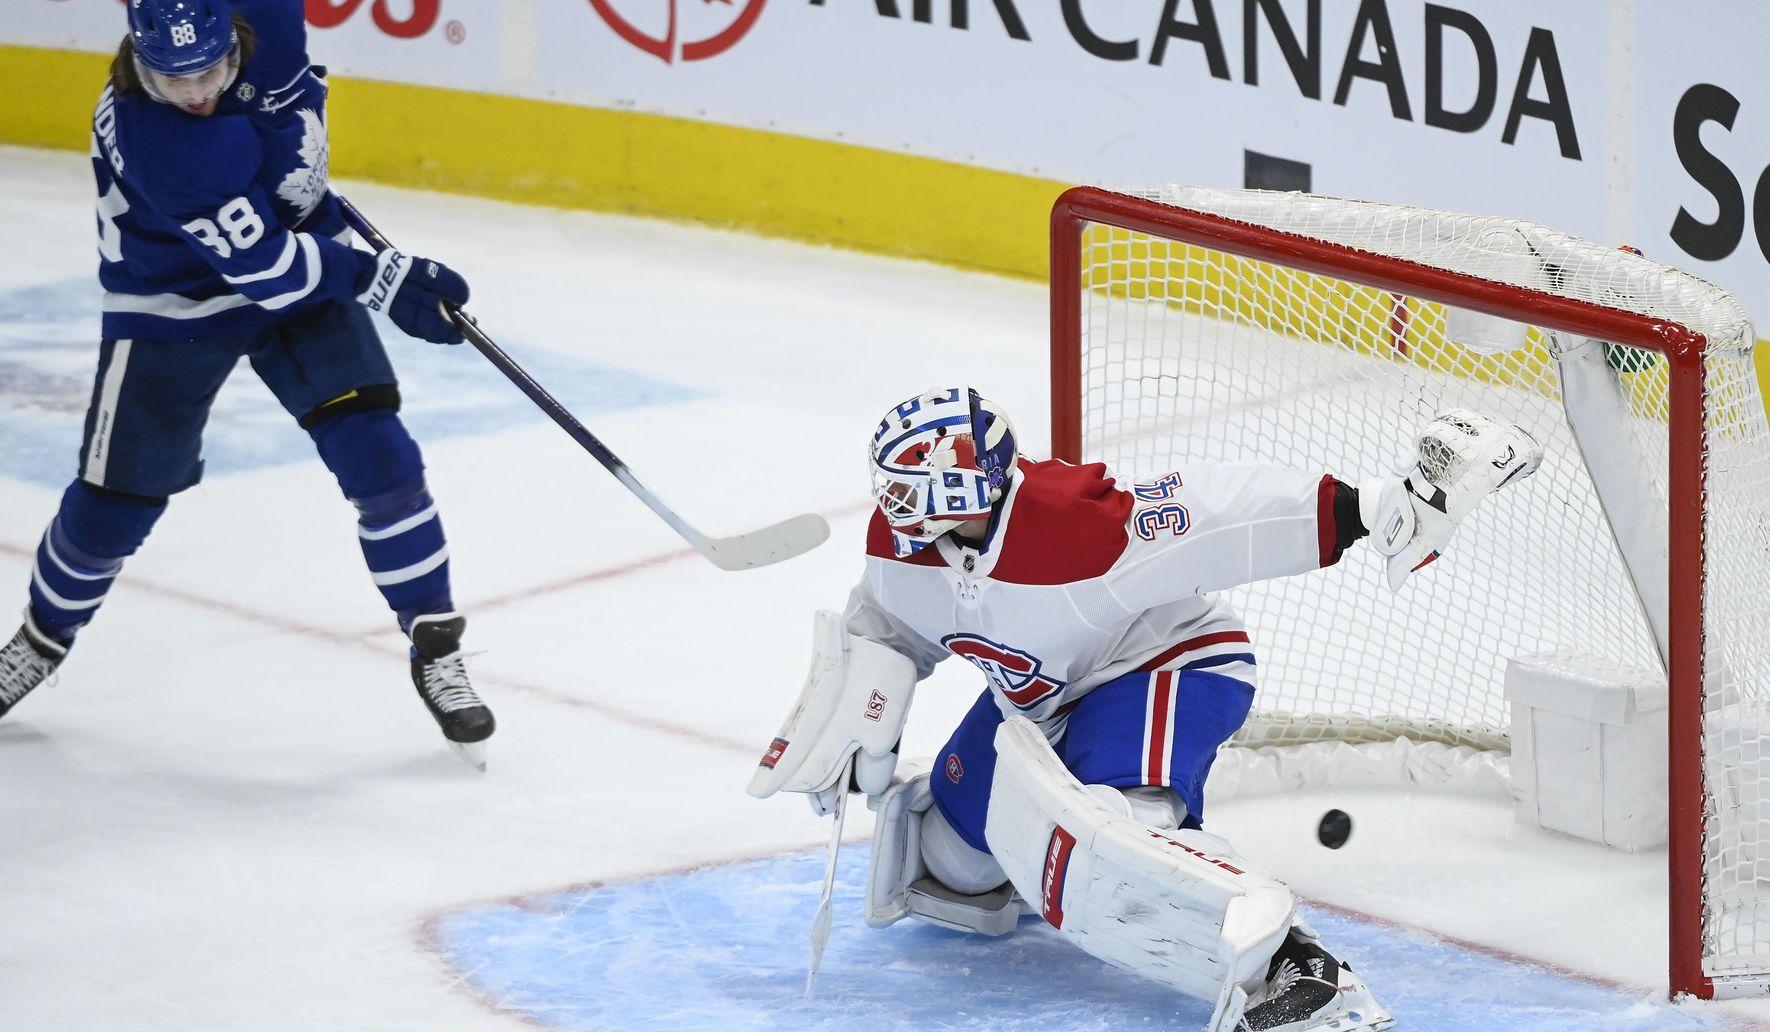 Canadiens_maple_leafs_hockey_80183_c0-227-4200-2675_s1770x1032